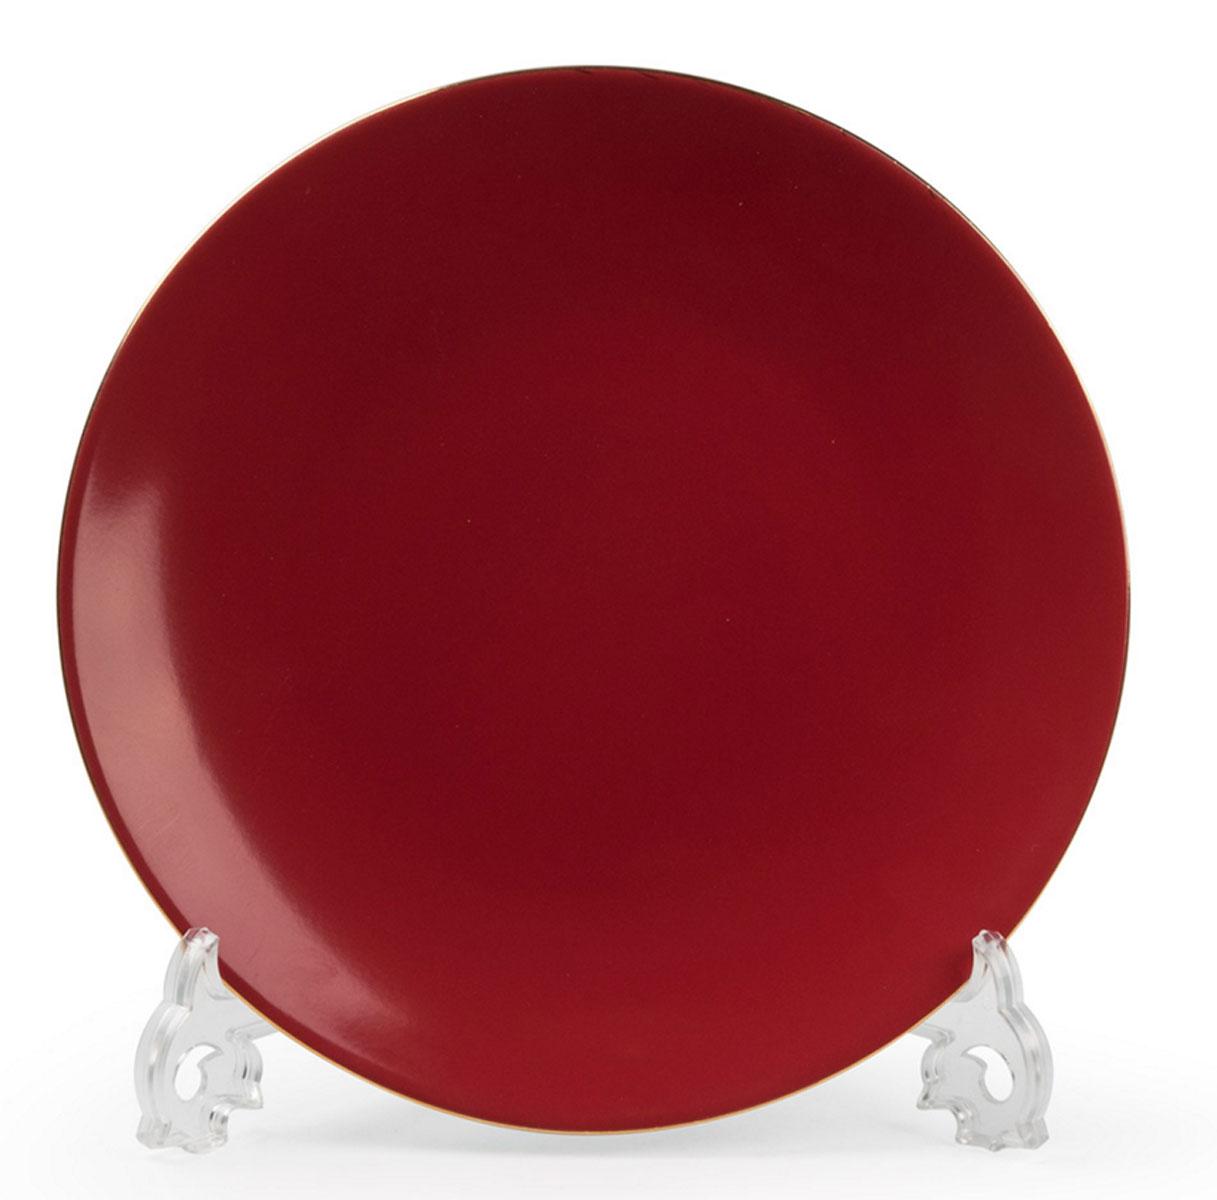 Monalisa 3125 набор глубоких тарелок*6 шт, цвет: красный с золотом54 009312в наборе глубокая тарелка 6 штук Материал: фарфор: цвет: красный с золотомСерия: MONALISA